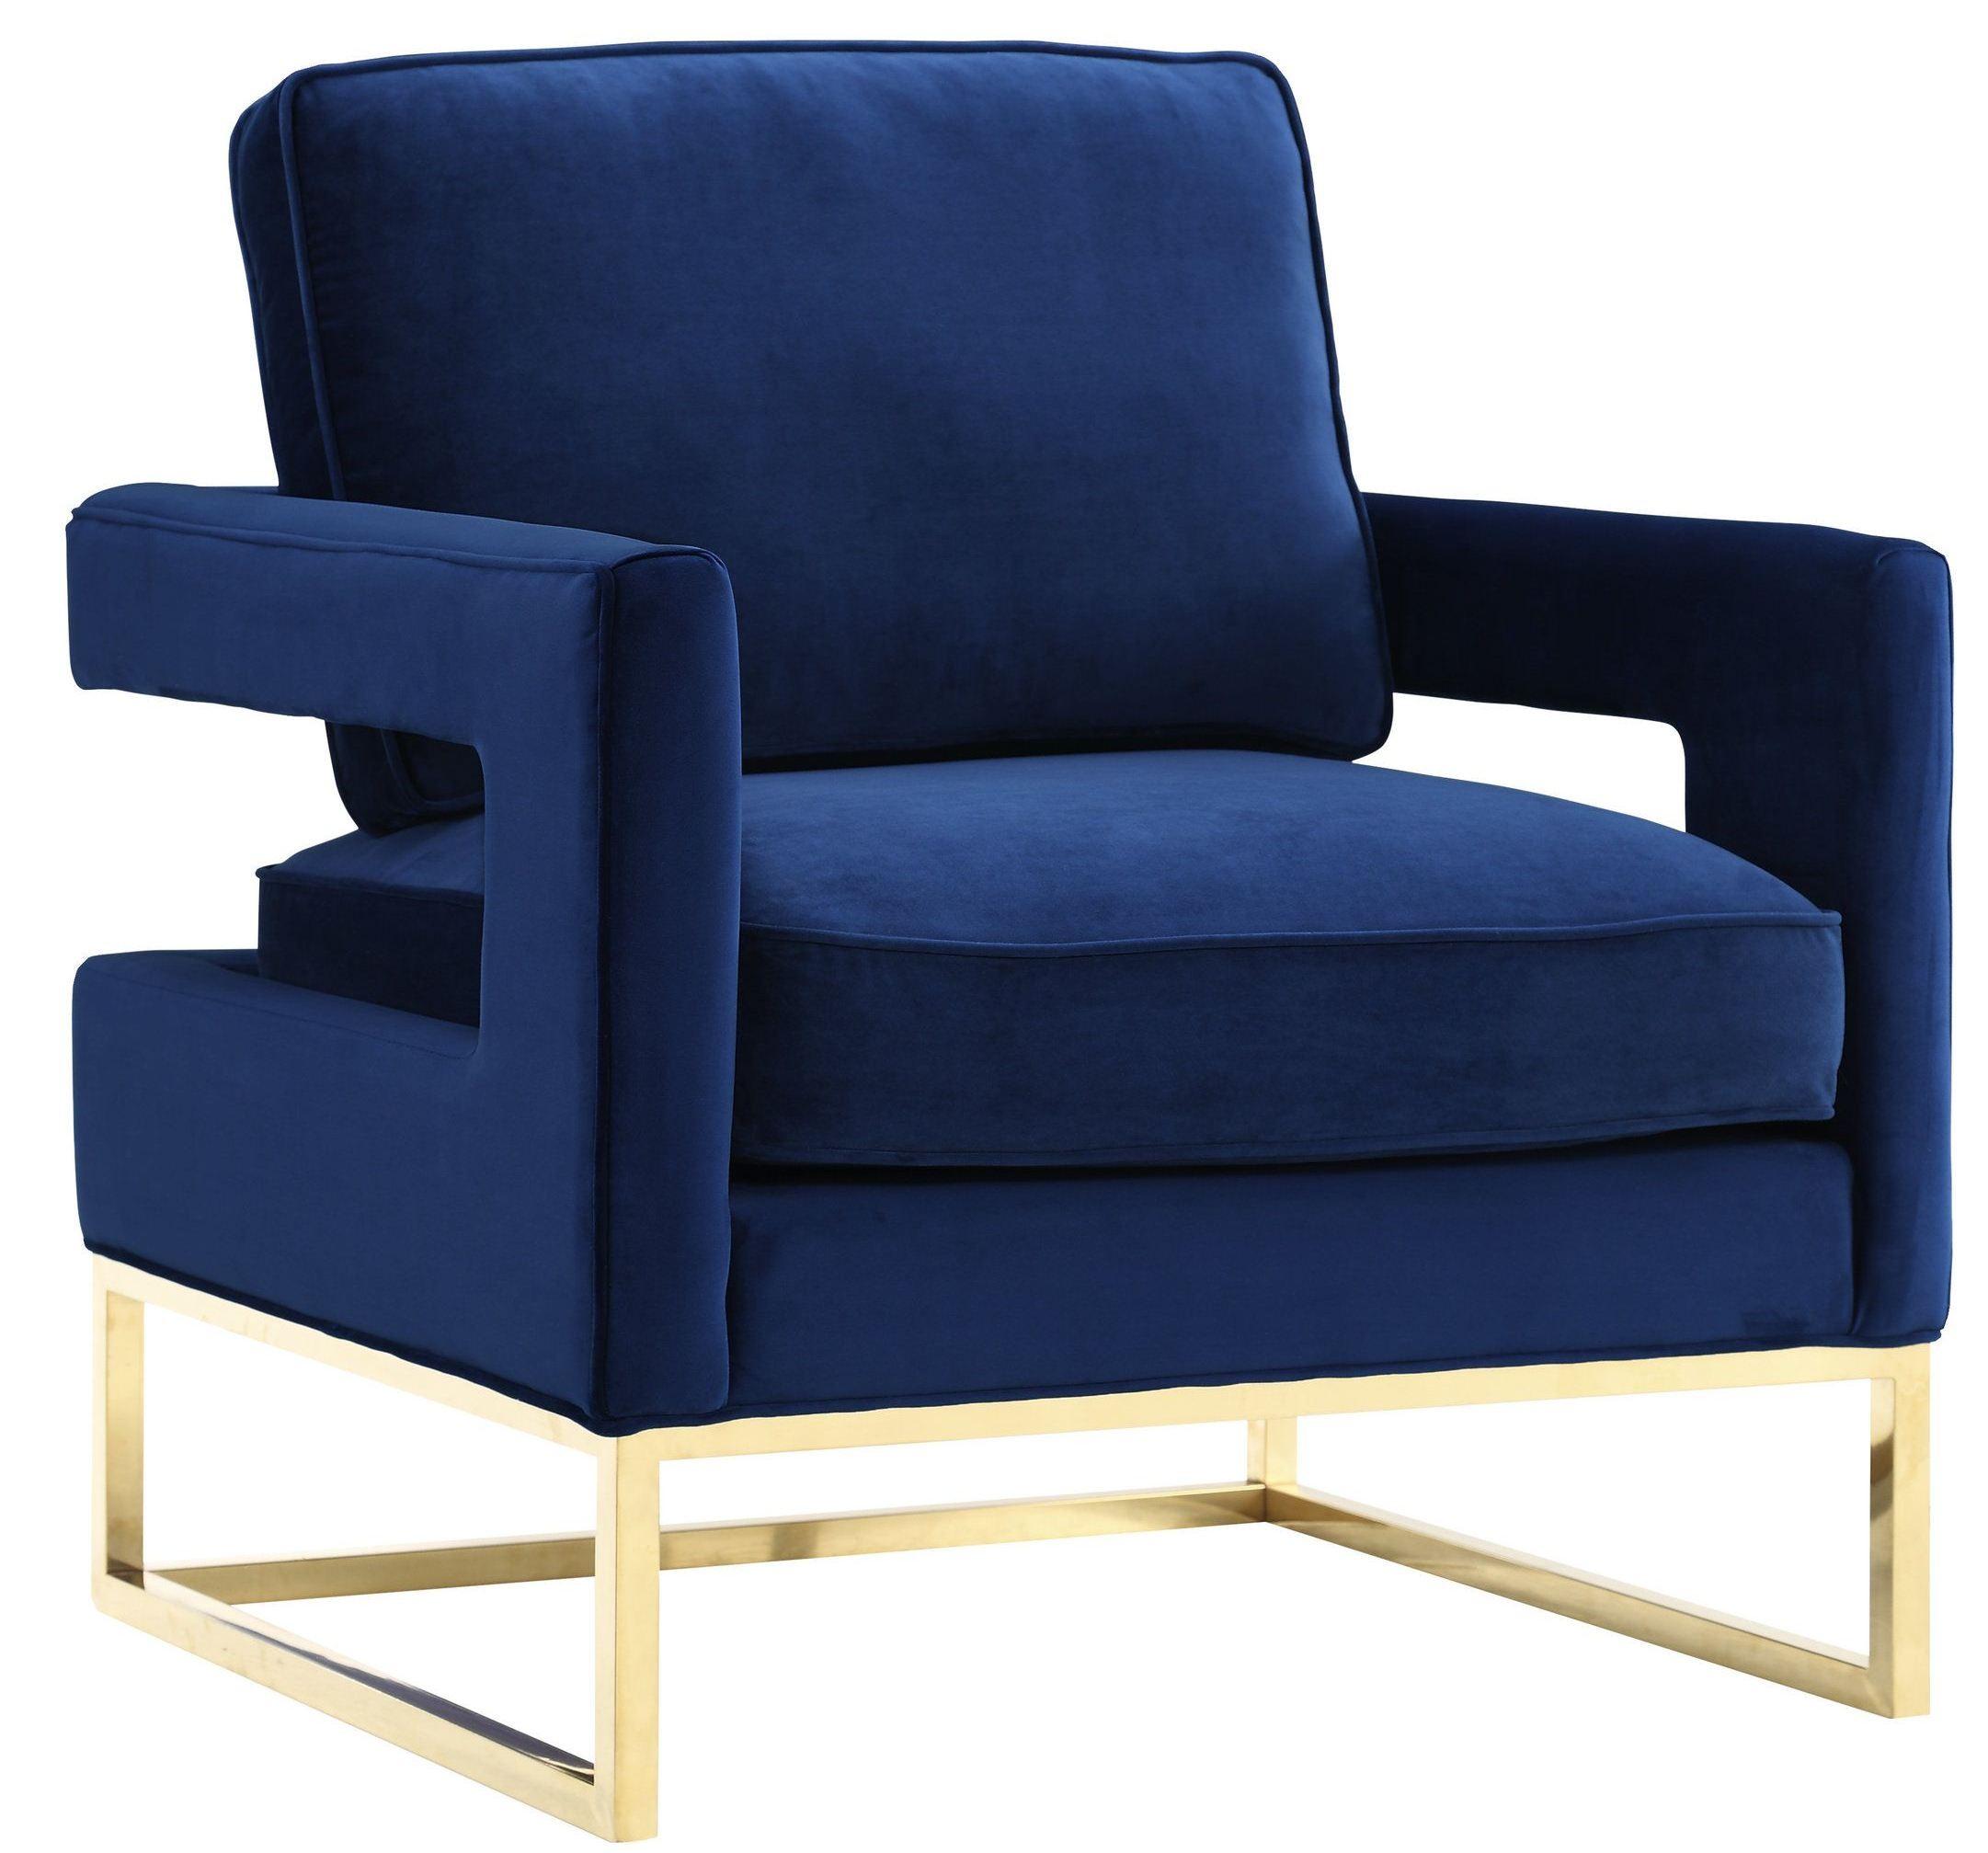 Avery Navy Velvet Chair from TOV